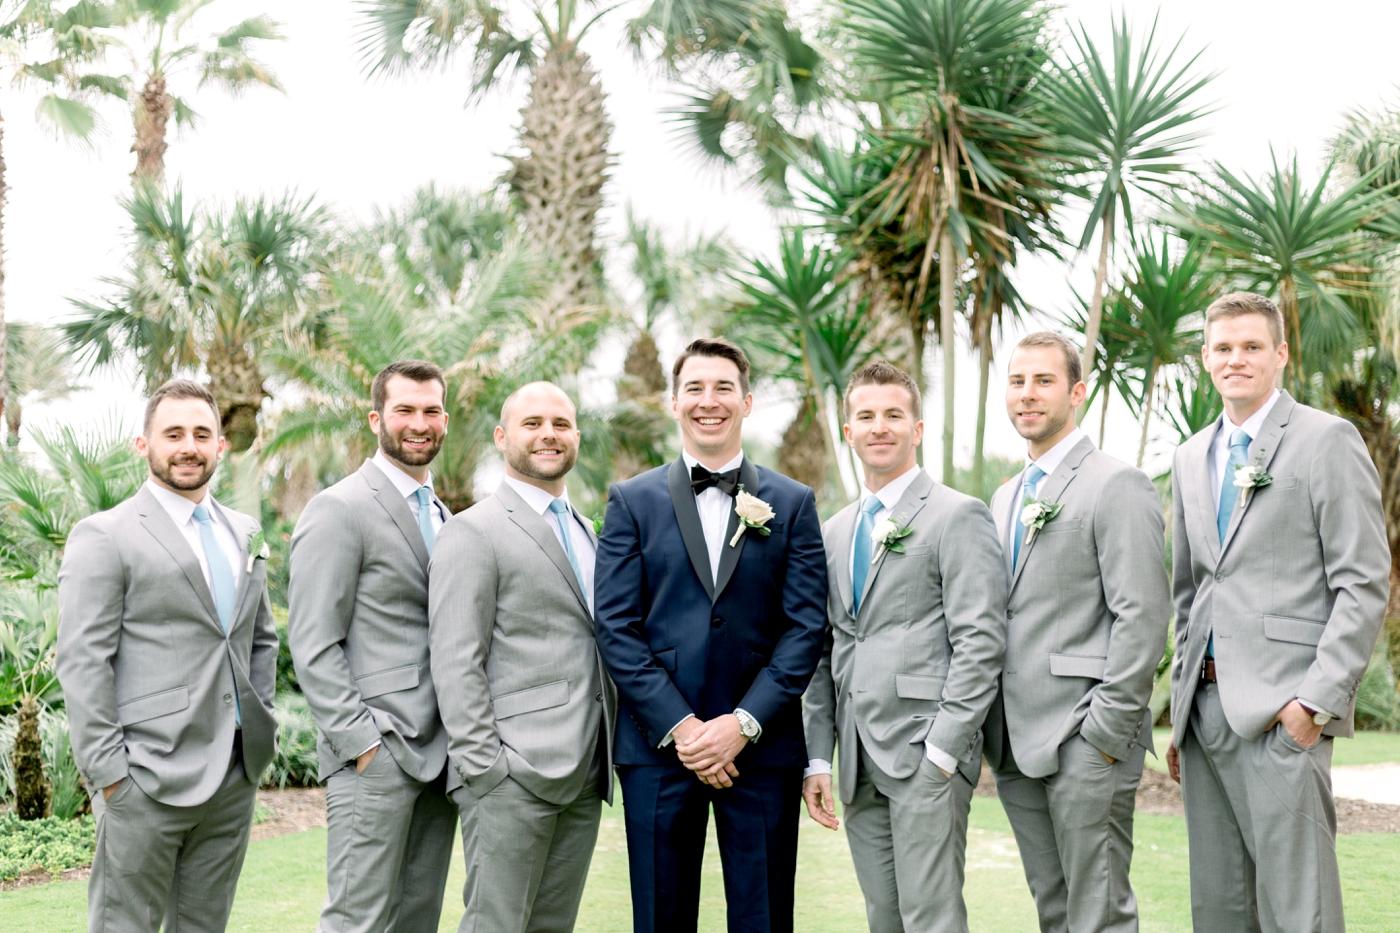 photographer central florida wedding